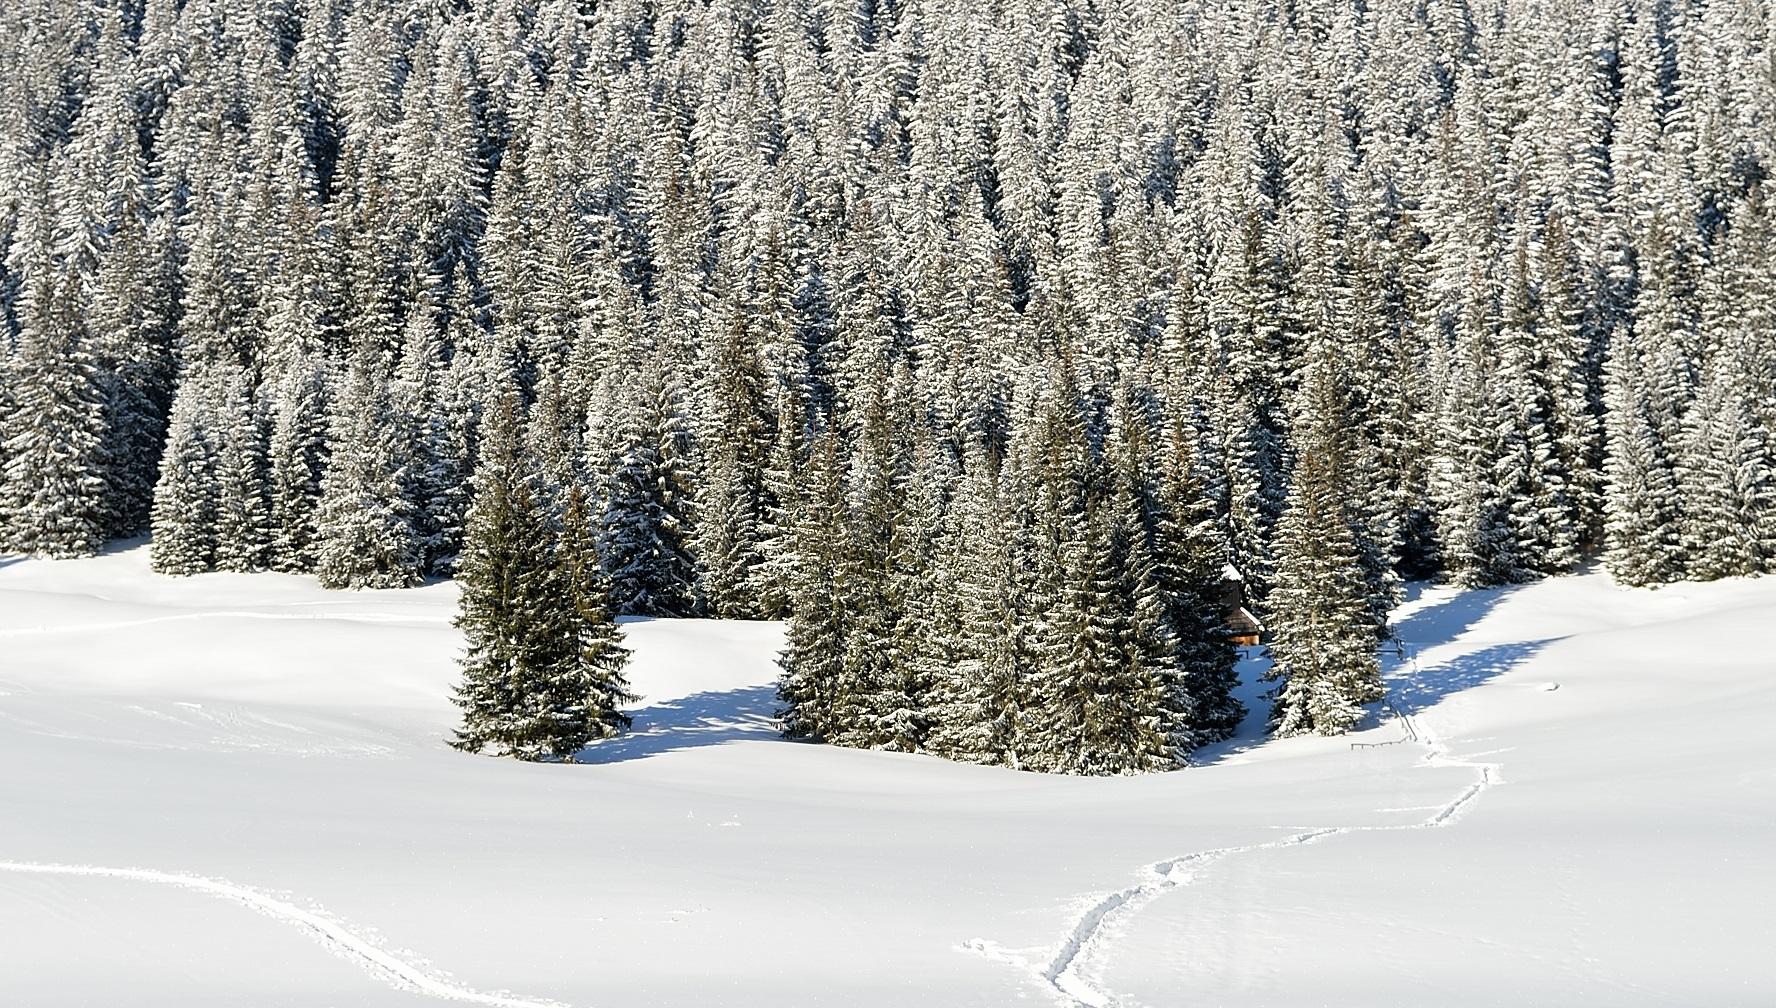 Lista miejsc w Polsce, które warto odwiedzić zimą: nieoczywiste i klasyczne propozycje.